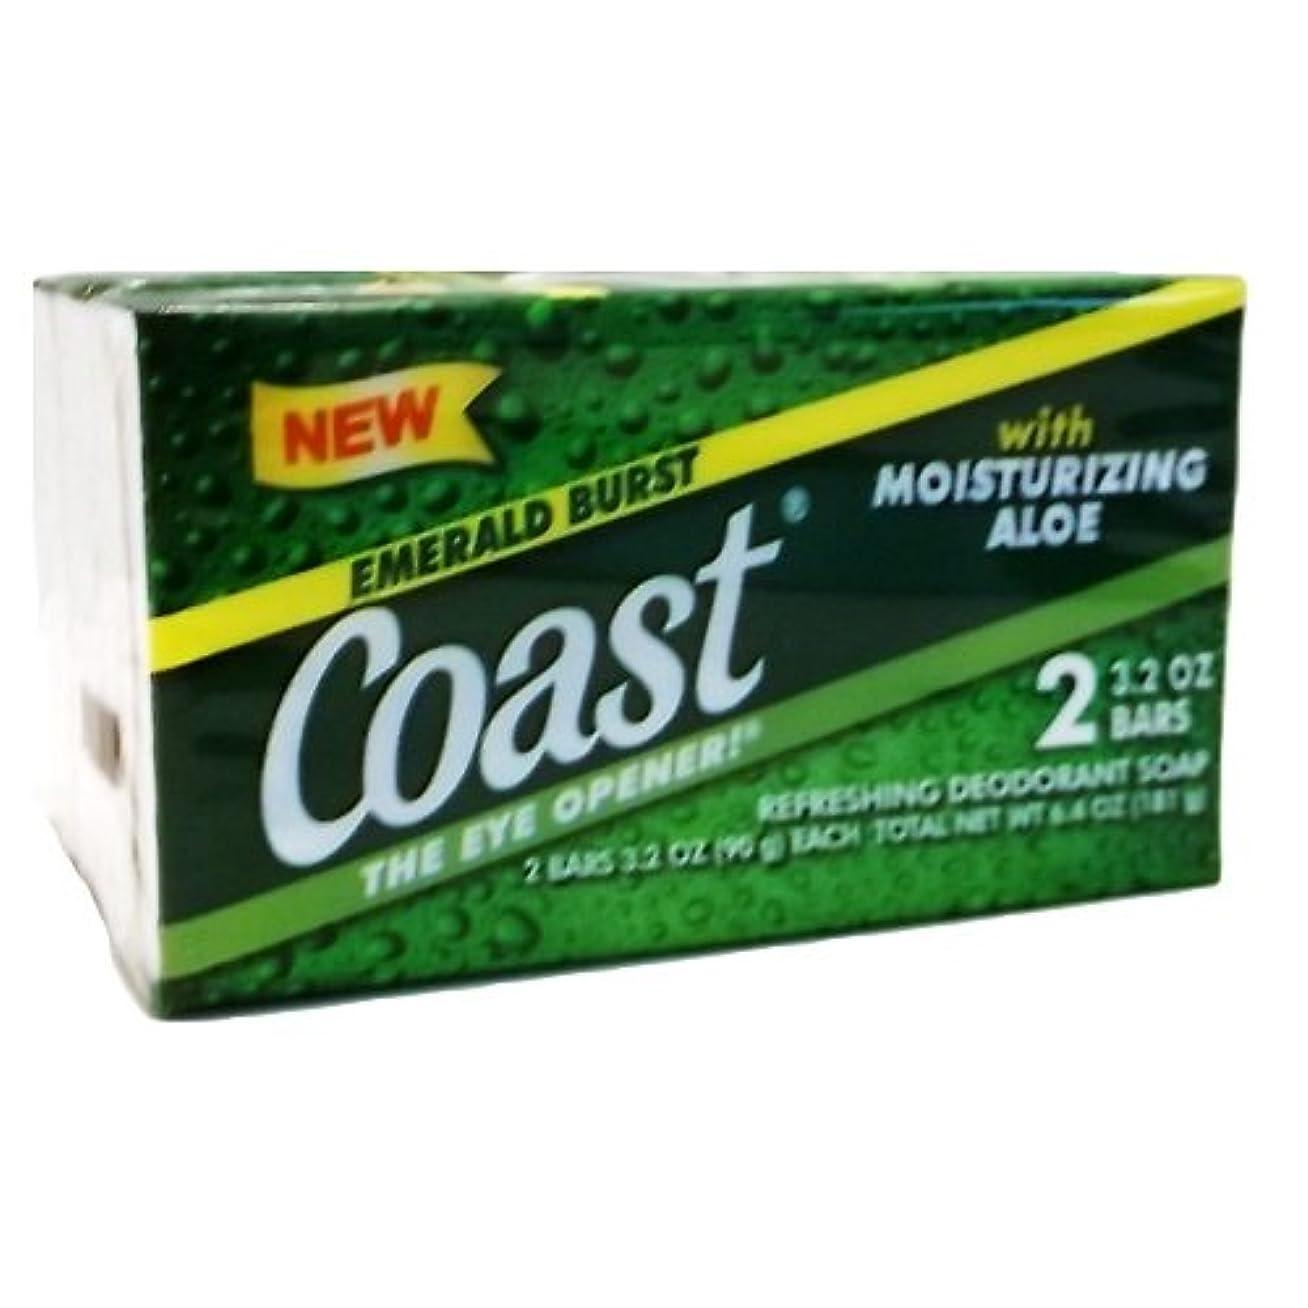 なだめるくさびカラスコースト(Coast) 石けんエメラルドバースト2個入り×24パック(48個)